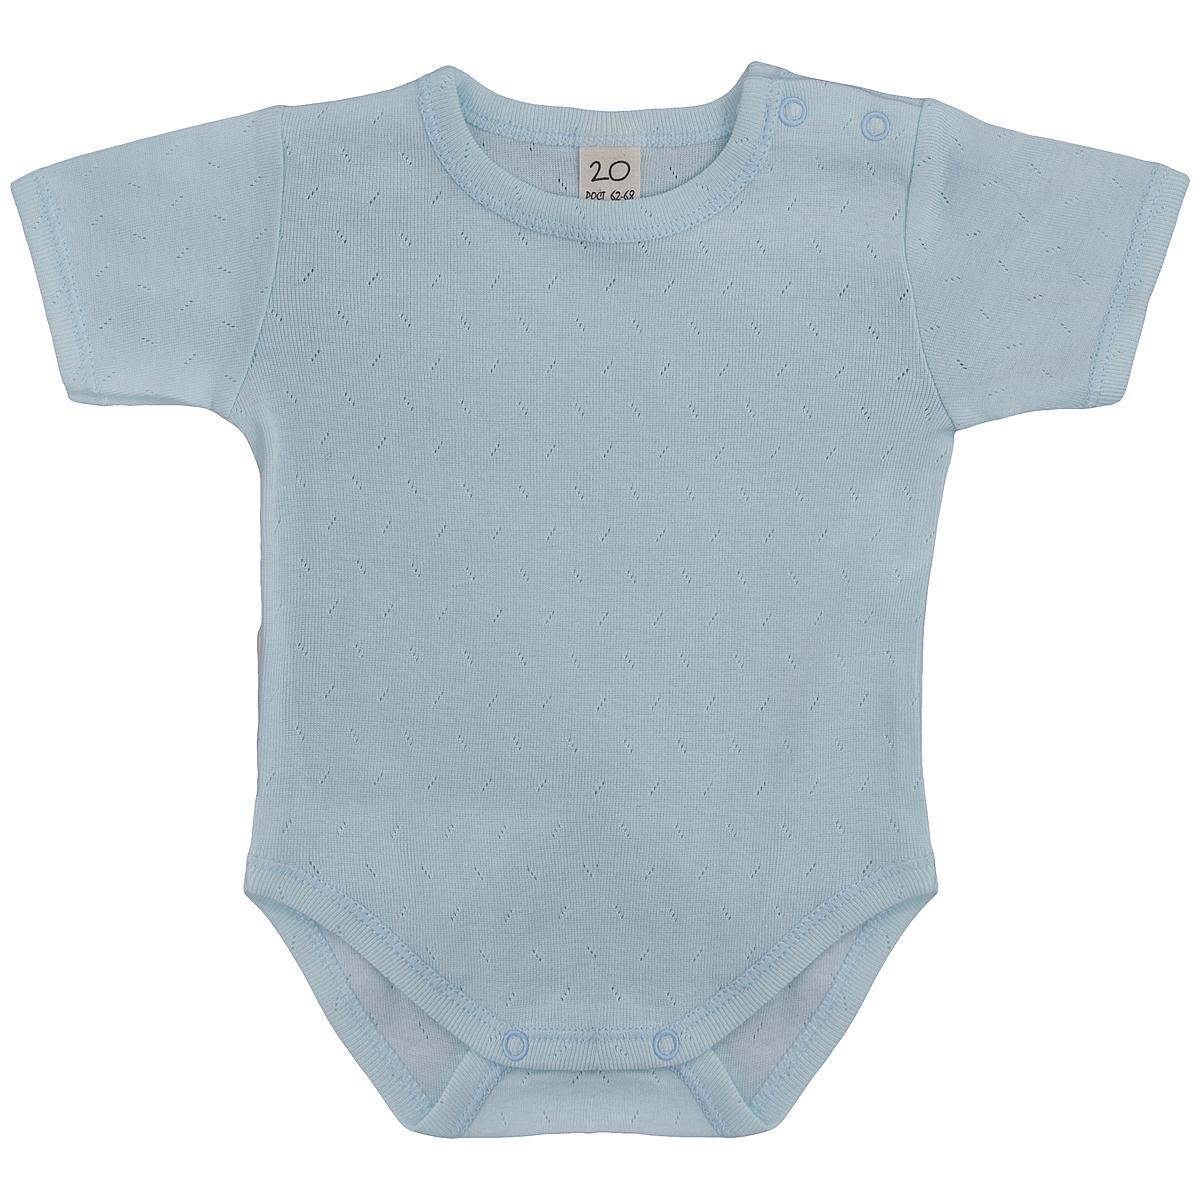 Боди-футболка Lucky Child Ажур, цвет: голубой. 0-30. Размер 80/860-30_ажурДетское боди-футболка Lucky Child с короткими рукавами послужит идеальным дополнением к гардеробу малыша в теплое время года, обеспечивая ему наибольший комфорт. Боди изготовлено из натурального хлопка, благодаря чему оно необычайно мягкое и легкое, не раздражает нежную кожу ребенка и хорошо вентилируется, а эластичные швы приятны телу малыша и не препятствуют его движениям. Удобные застежки-кнопки по плечу и на ластовице помогают легко переодеть младенца и сменить подгузник. Боди выполнено из ткани с ажурным узором.Боди полностью соответствует особенностям жизни малыша в ранний период, не стесняя и не ограничивая его в движениях. В нем ваш ребенок всегда будет в центре внимания.